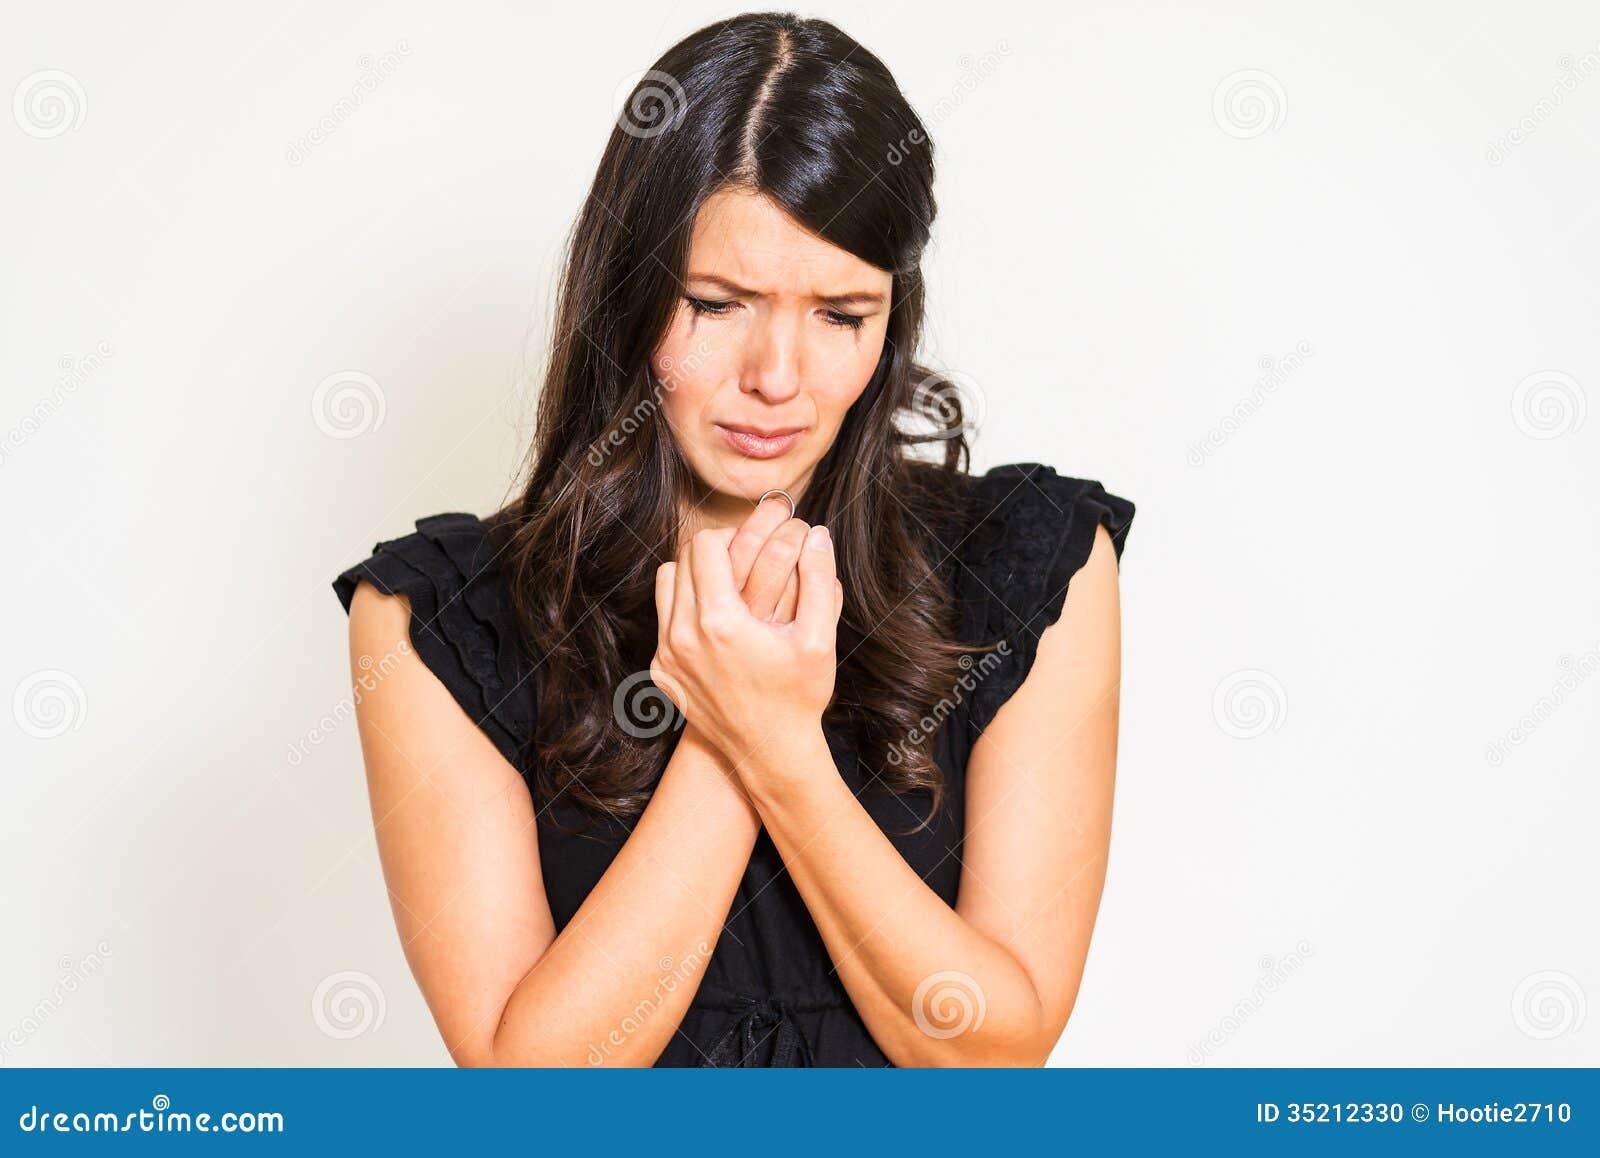 Περιστασιακή dating κρατώντας τα χέρια